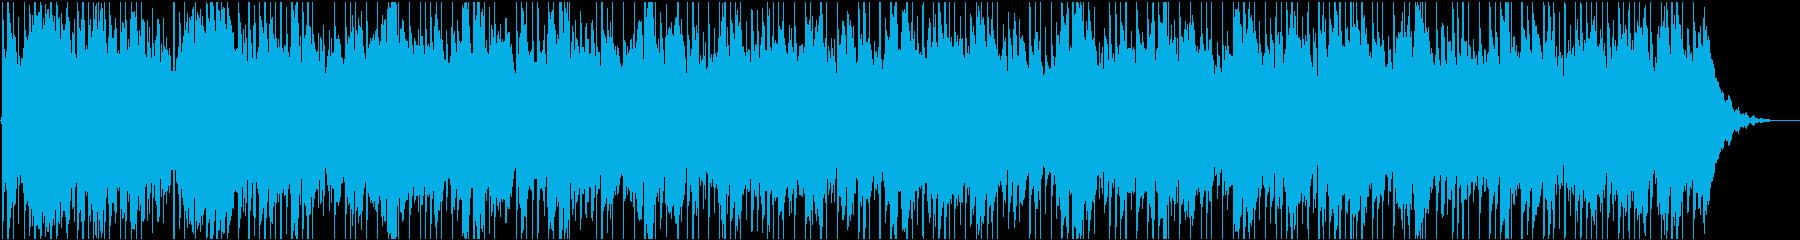 寂しげなクワイアとハープの曲の再生済みの波形